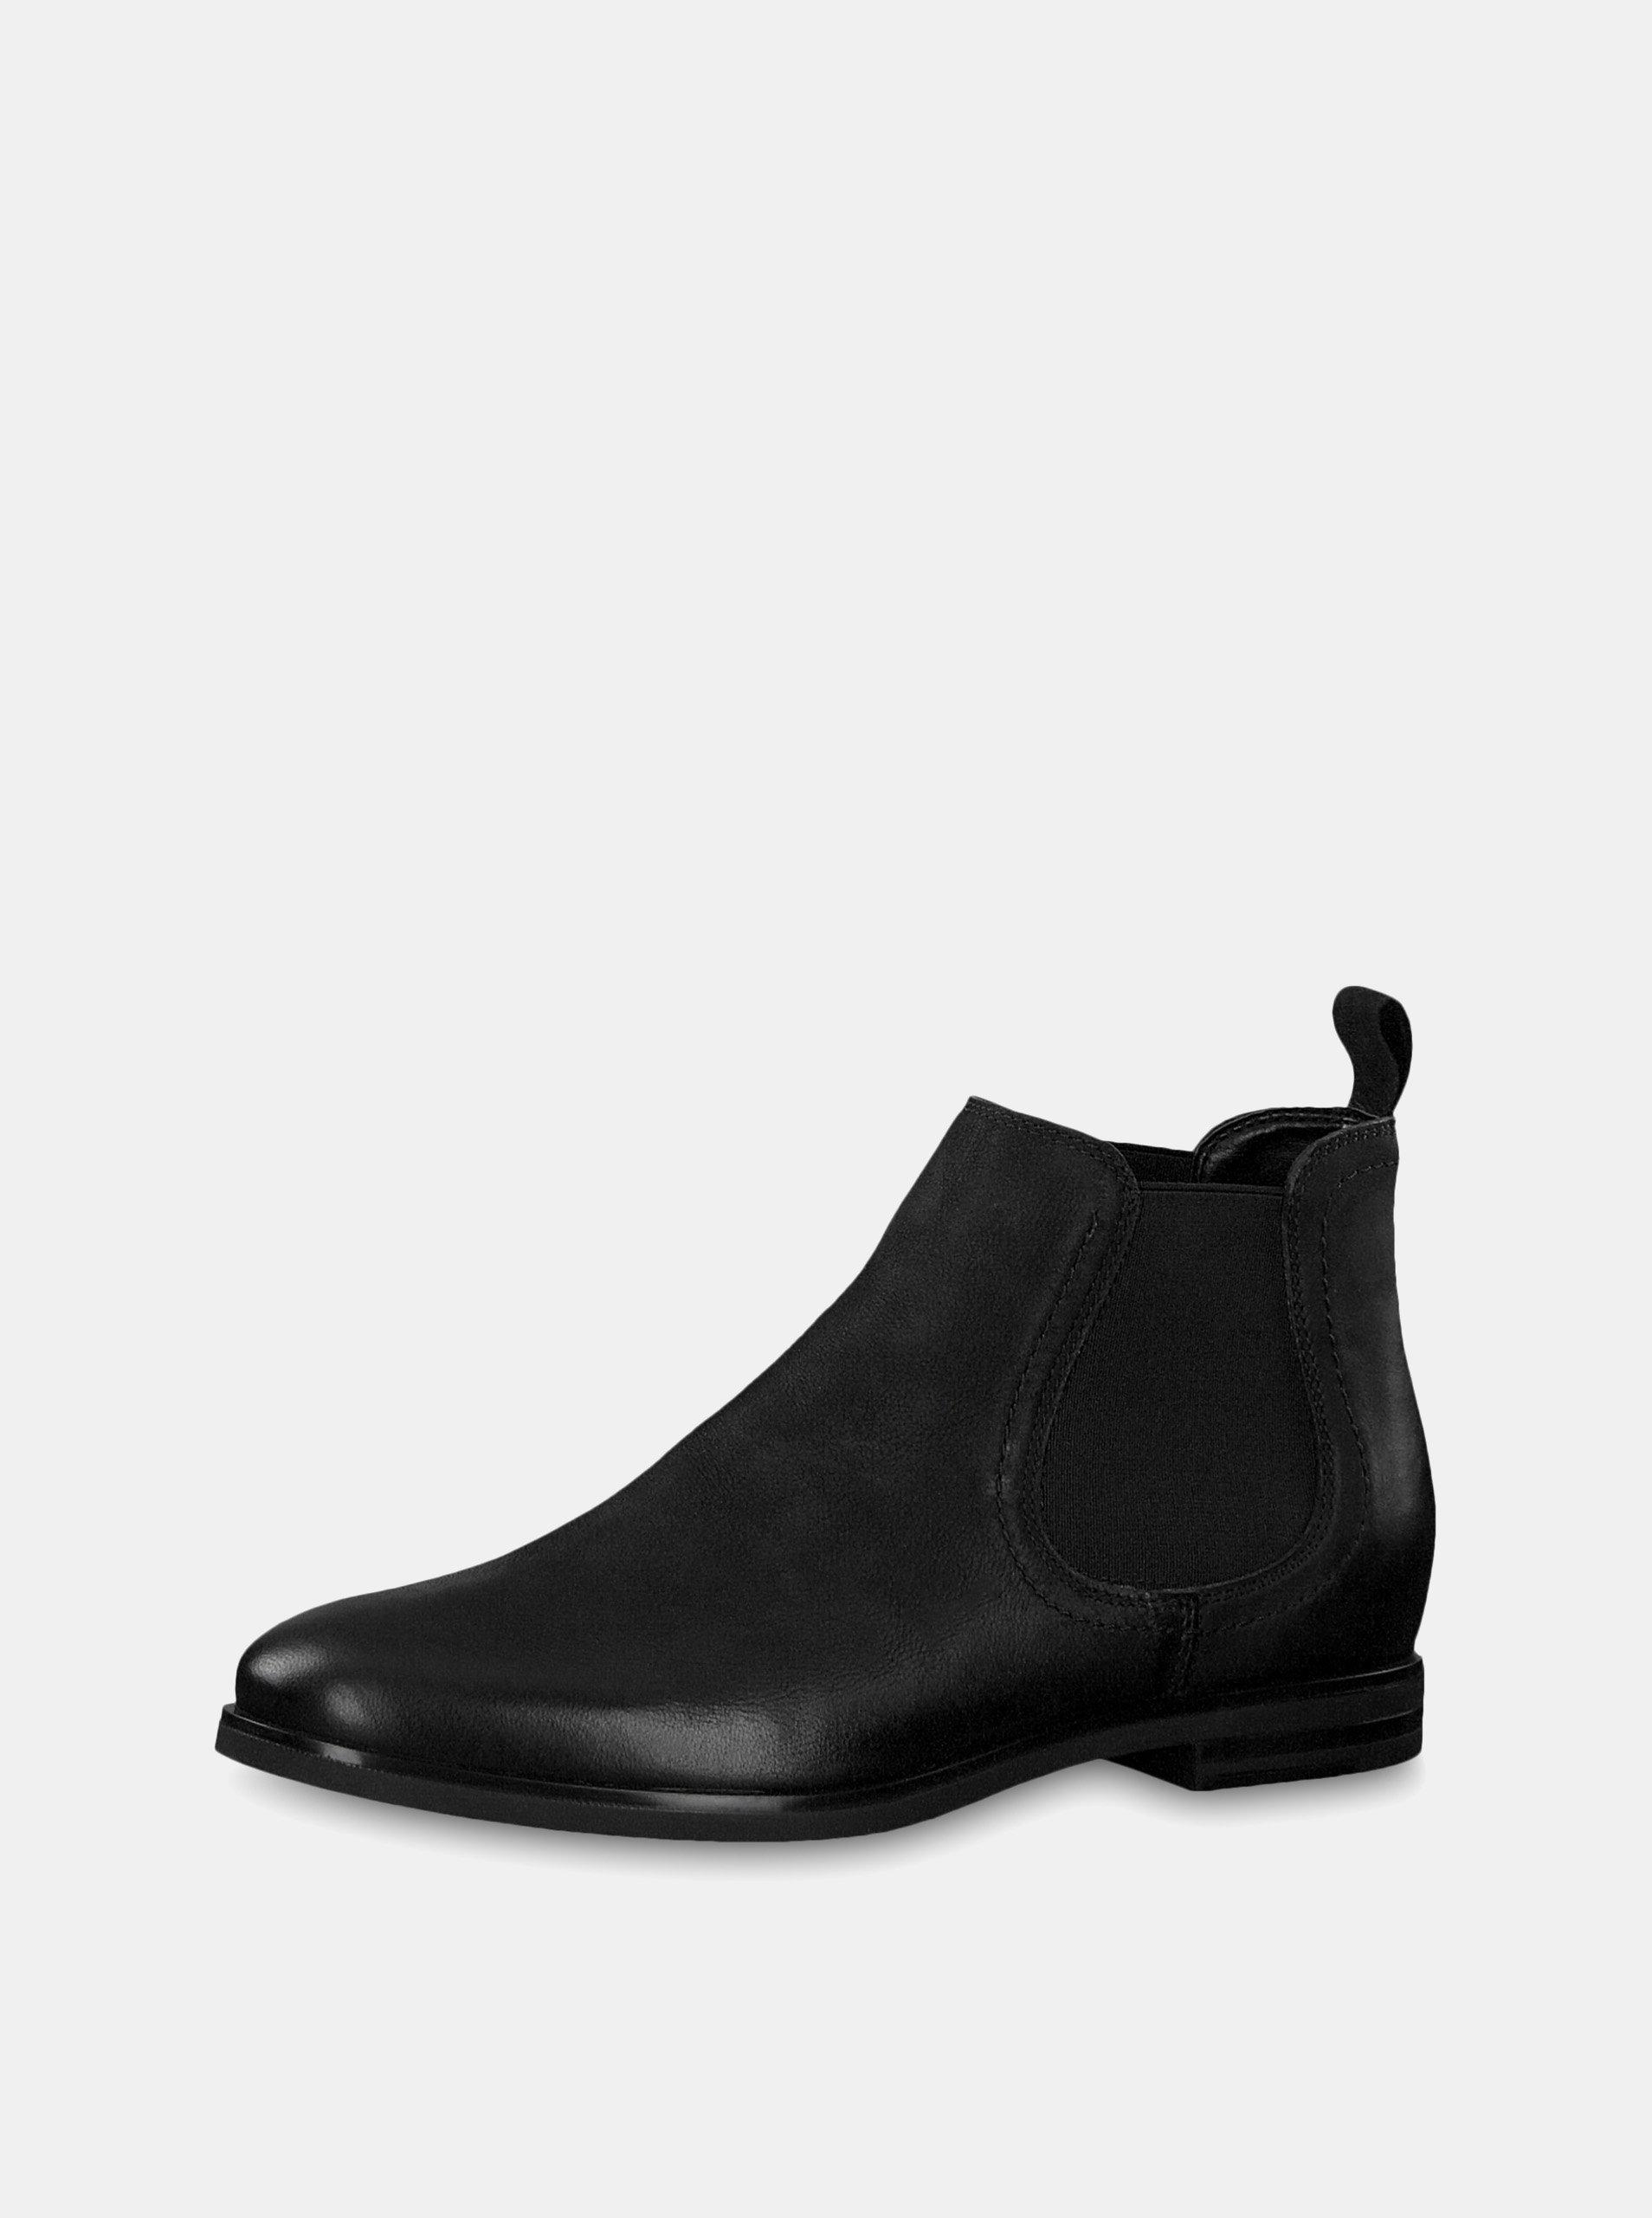 80afcddc3b1f Čierne kožené chelsea topánky Tamaris